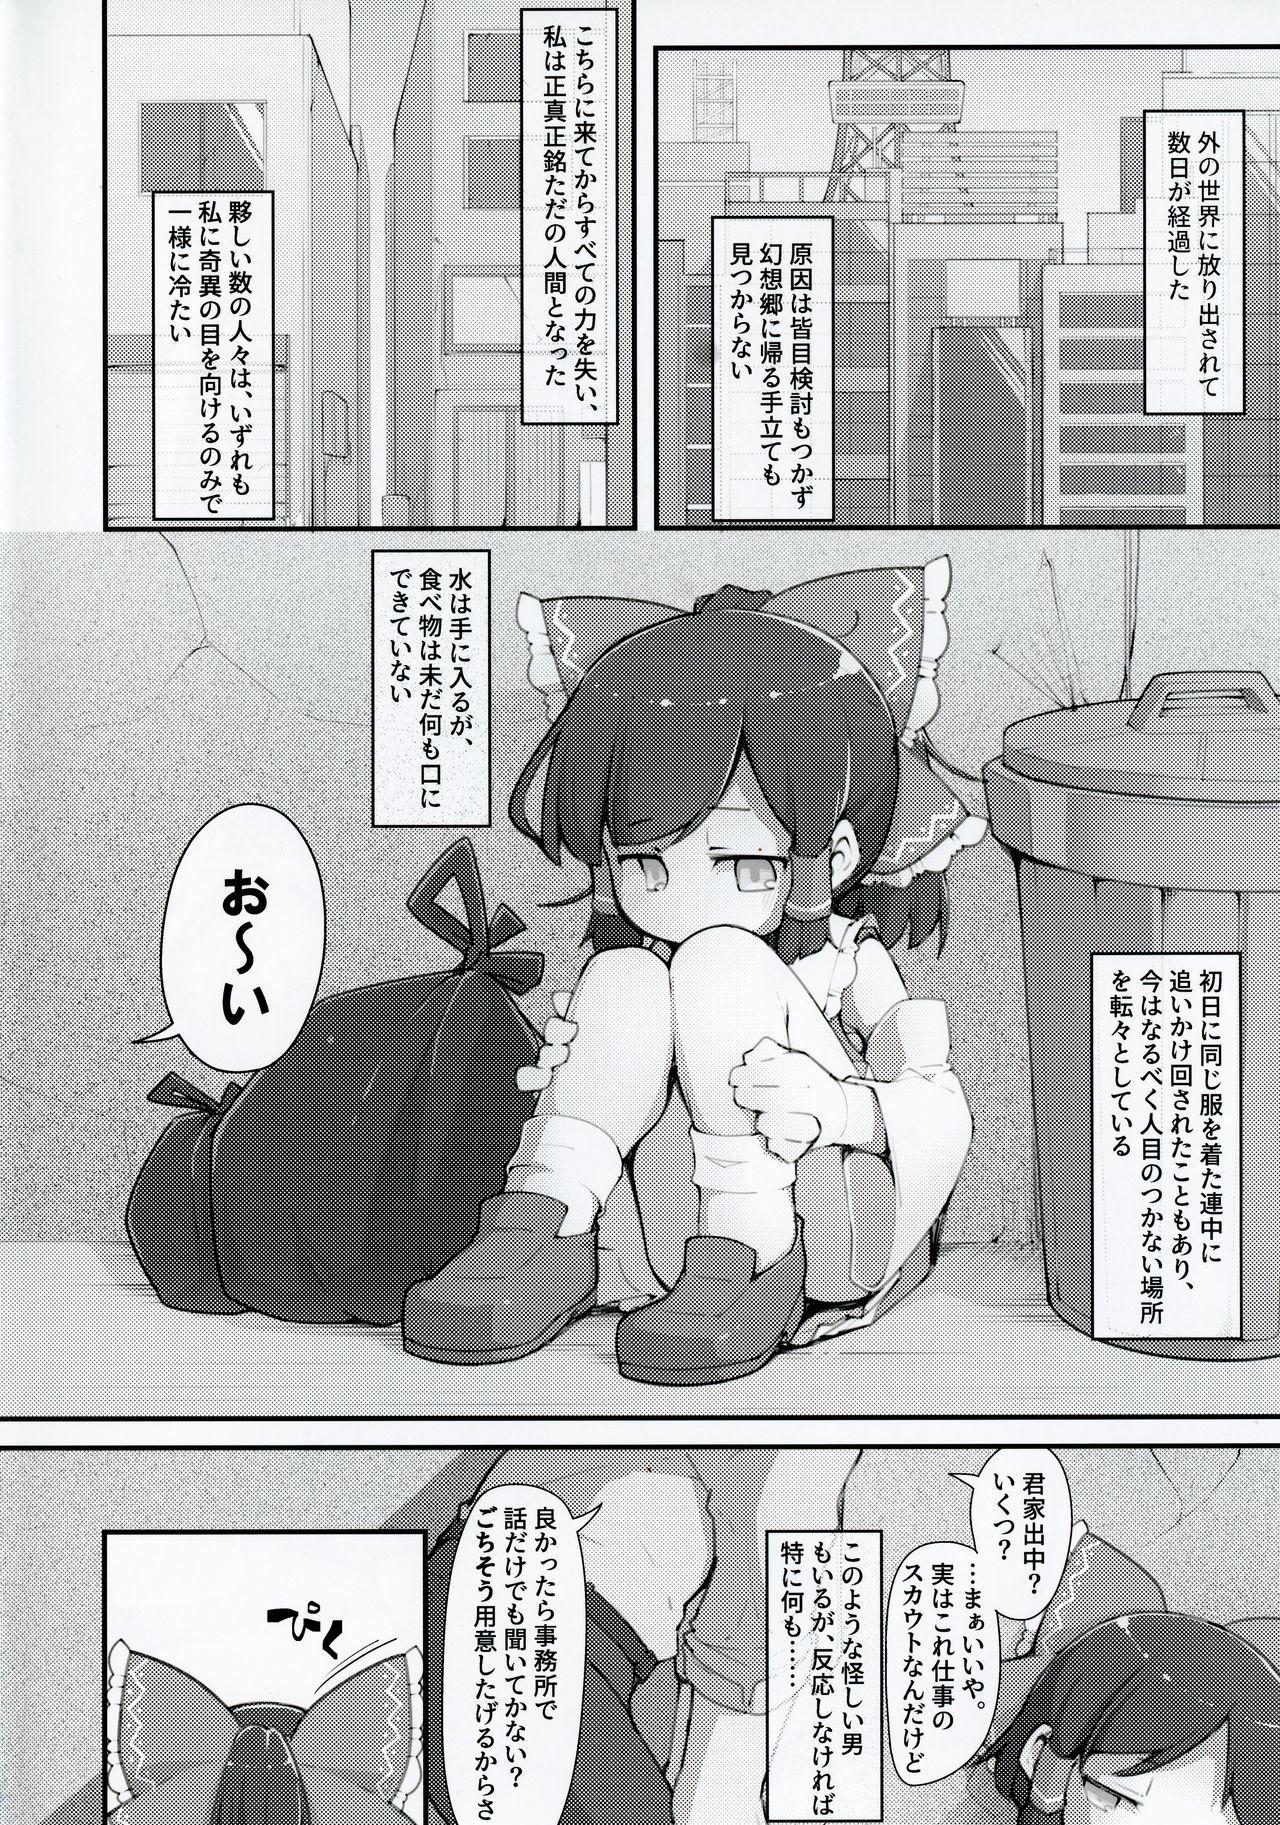 Hakurei no Miko Gaikai Ochi Ura 〇〇 Kyousei Satsuei 2